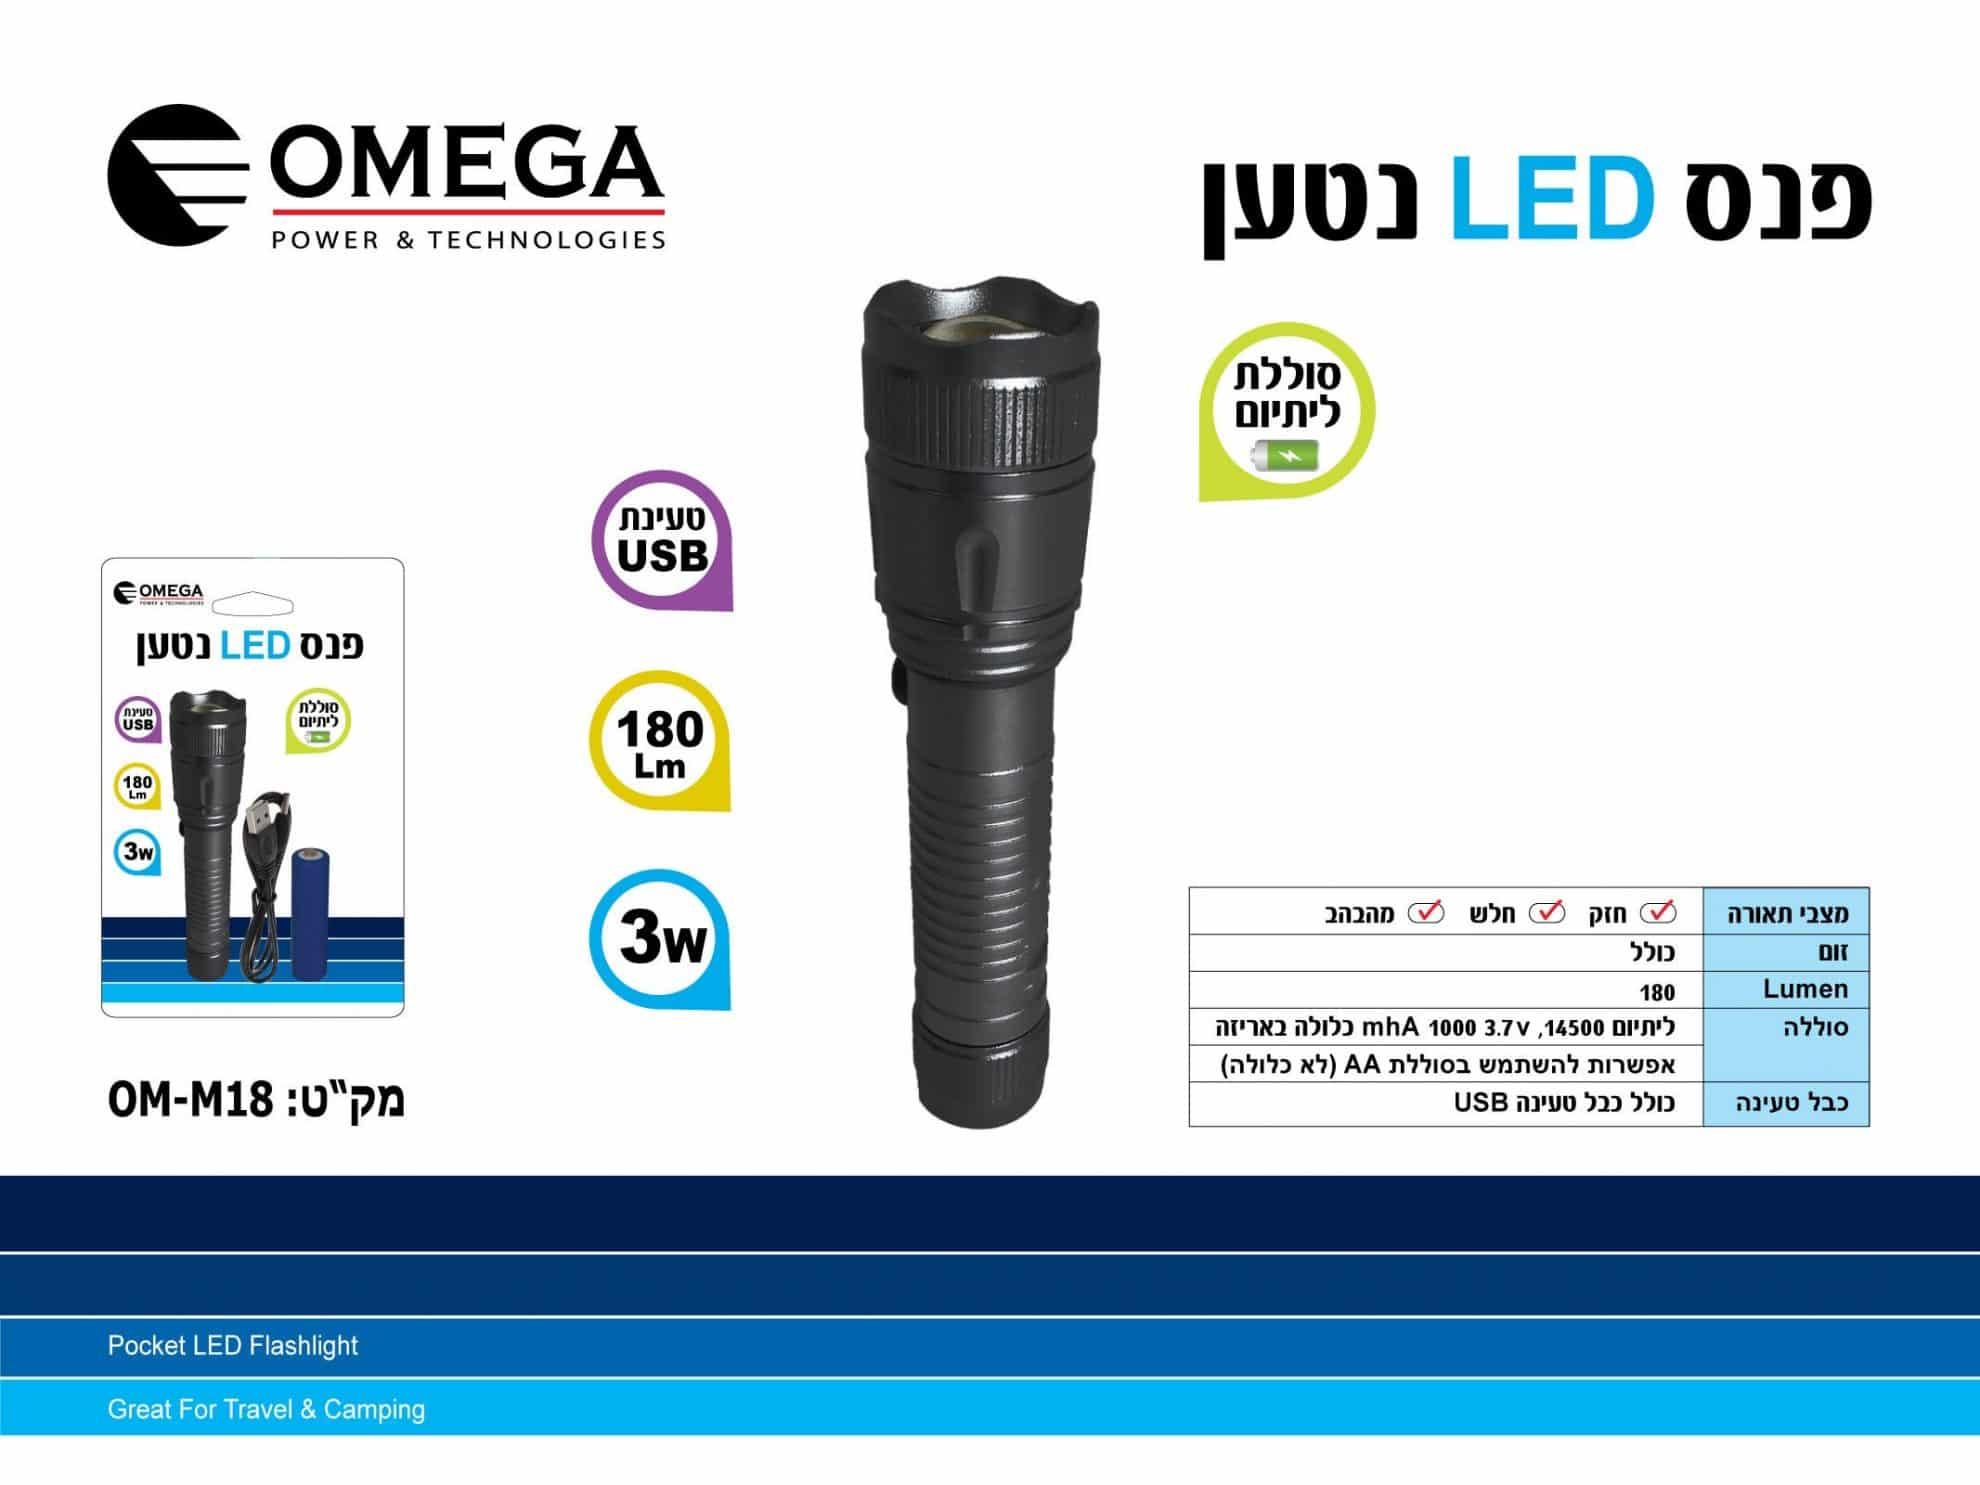 פנס LED קומפקטי נטען בבליסטר, כולל סוללה 14500 ו